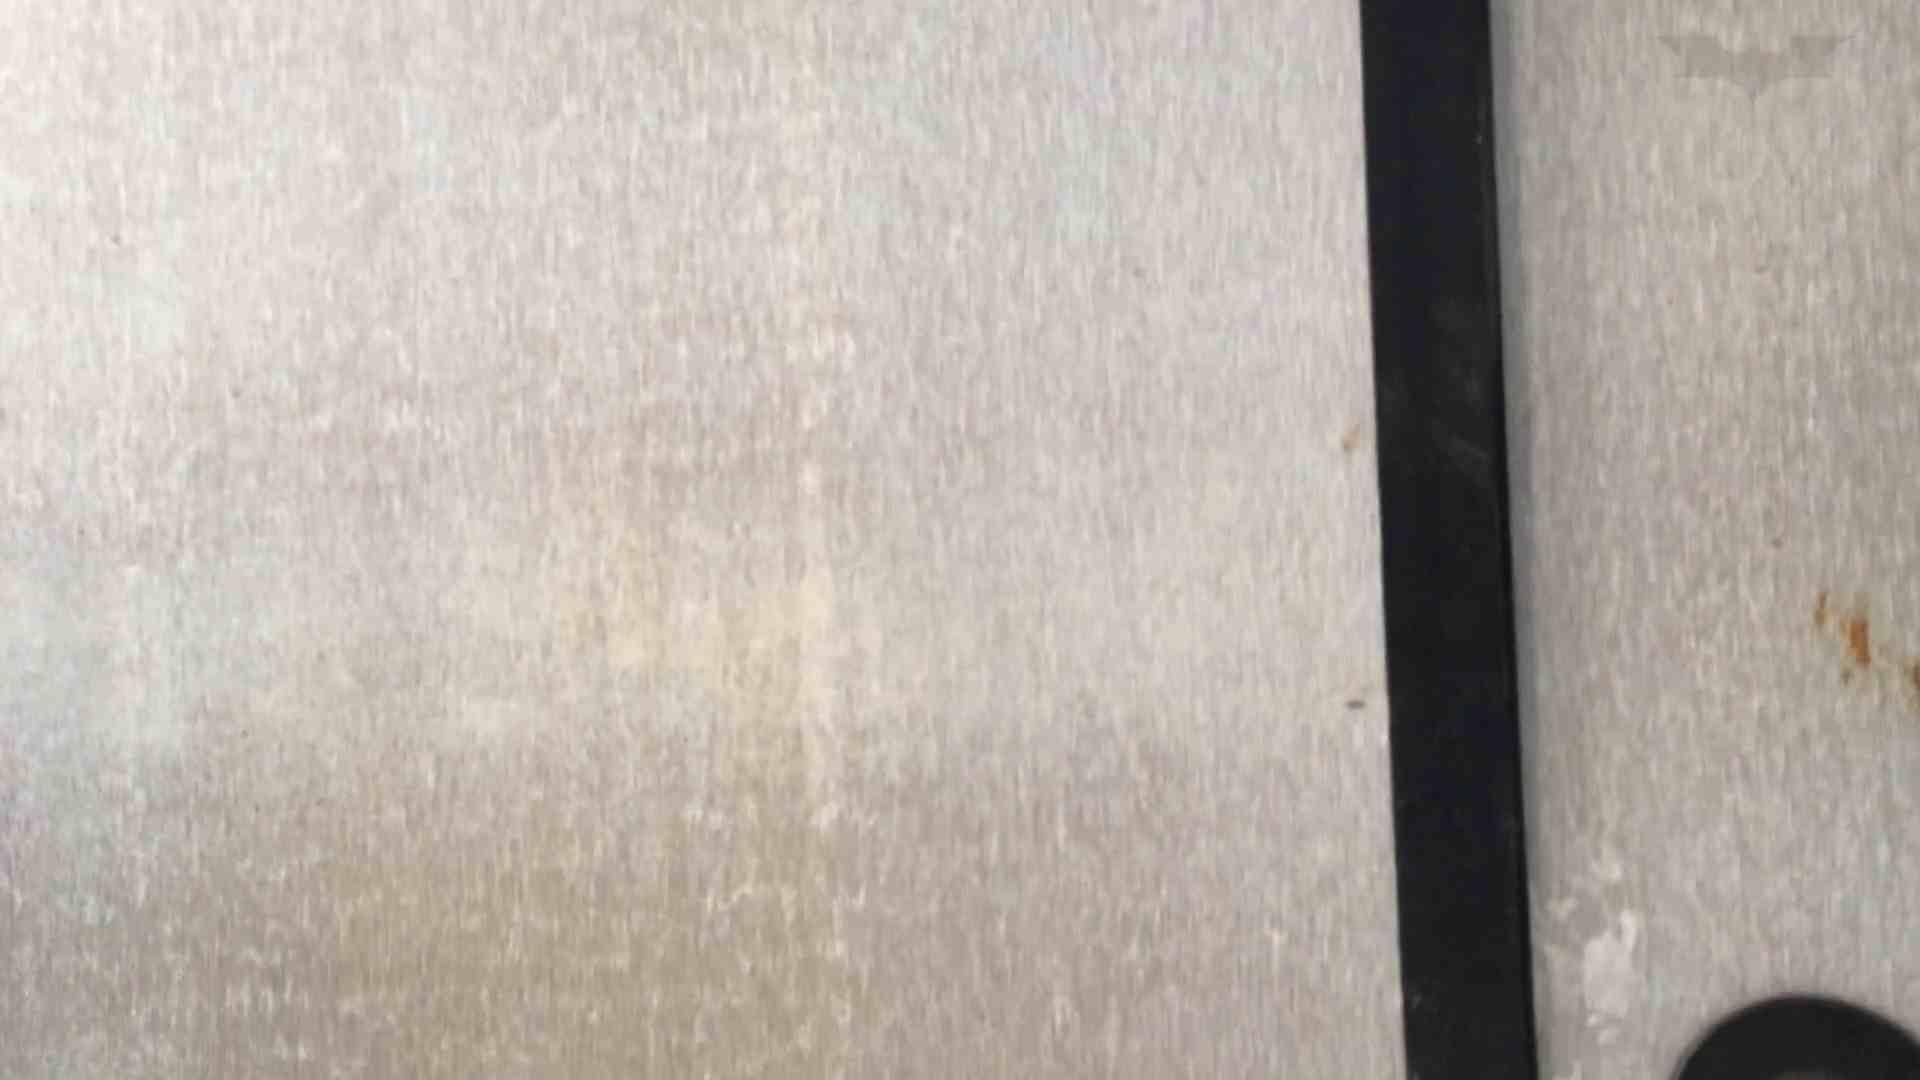 芸術大学ガチ潜入盗撮 JD盗撮 美女の洗面所の秘密 Vol.91 高画質 すけべAV動画紹介 85枚 83